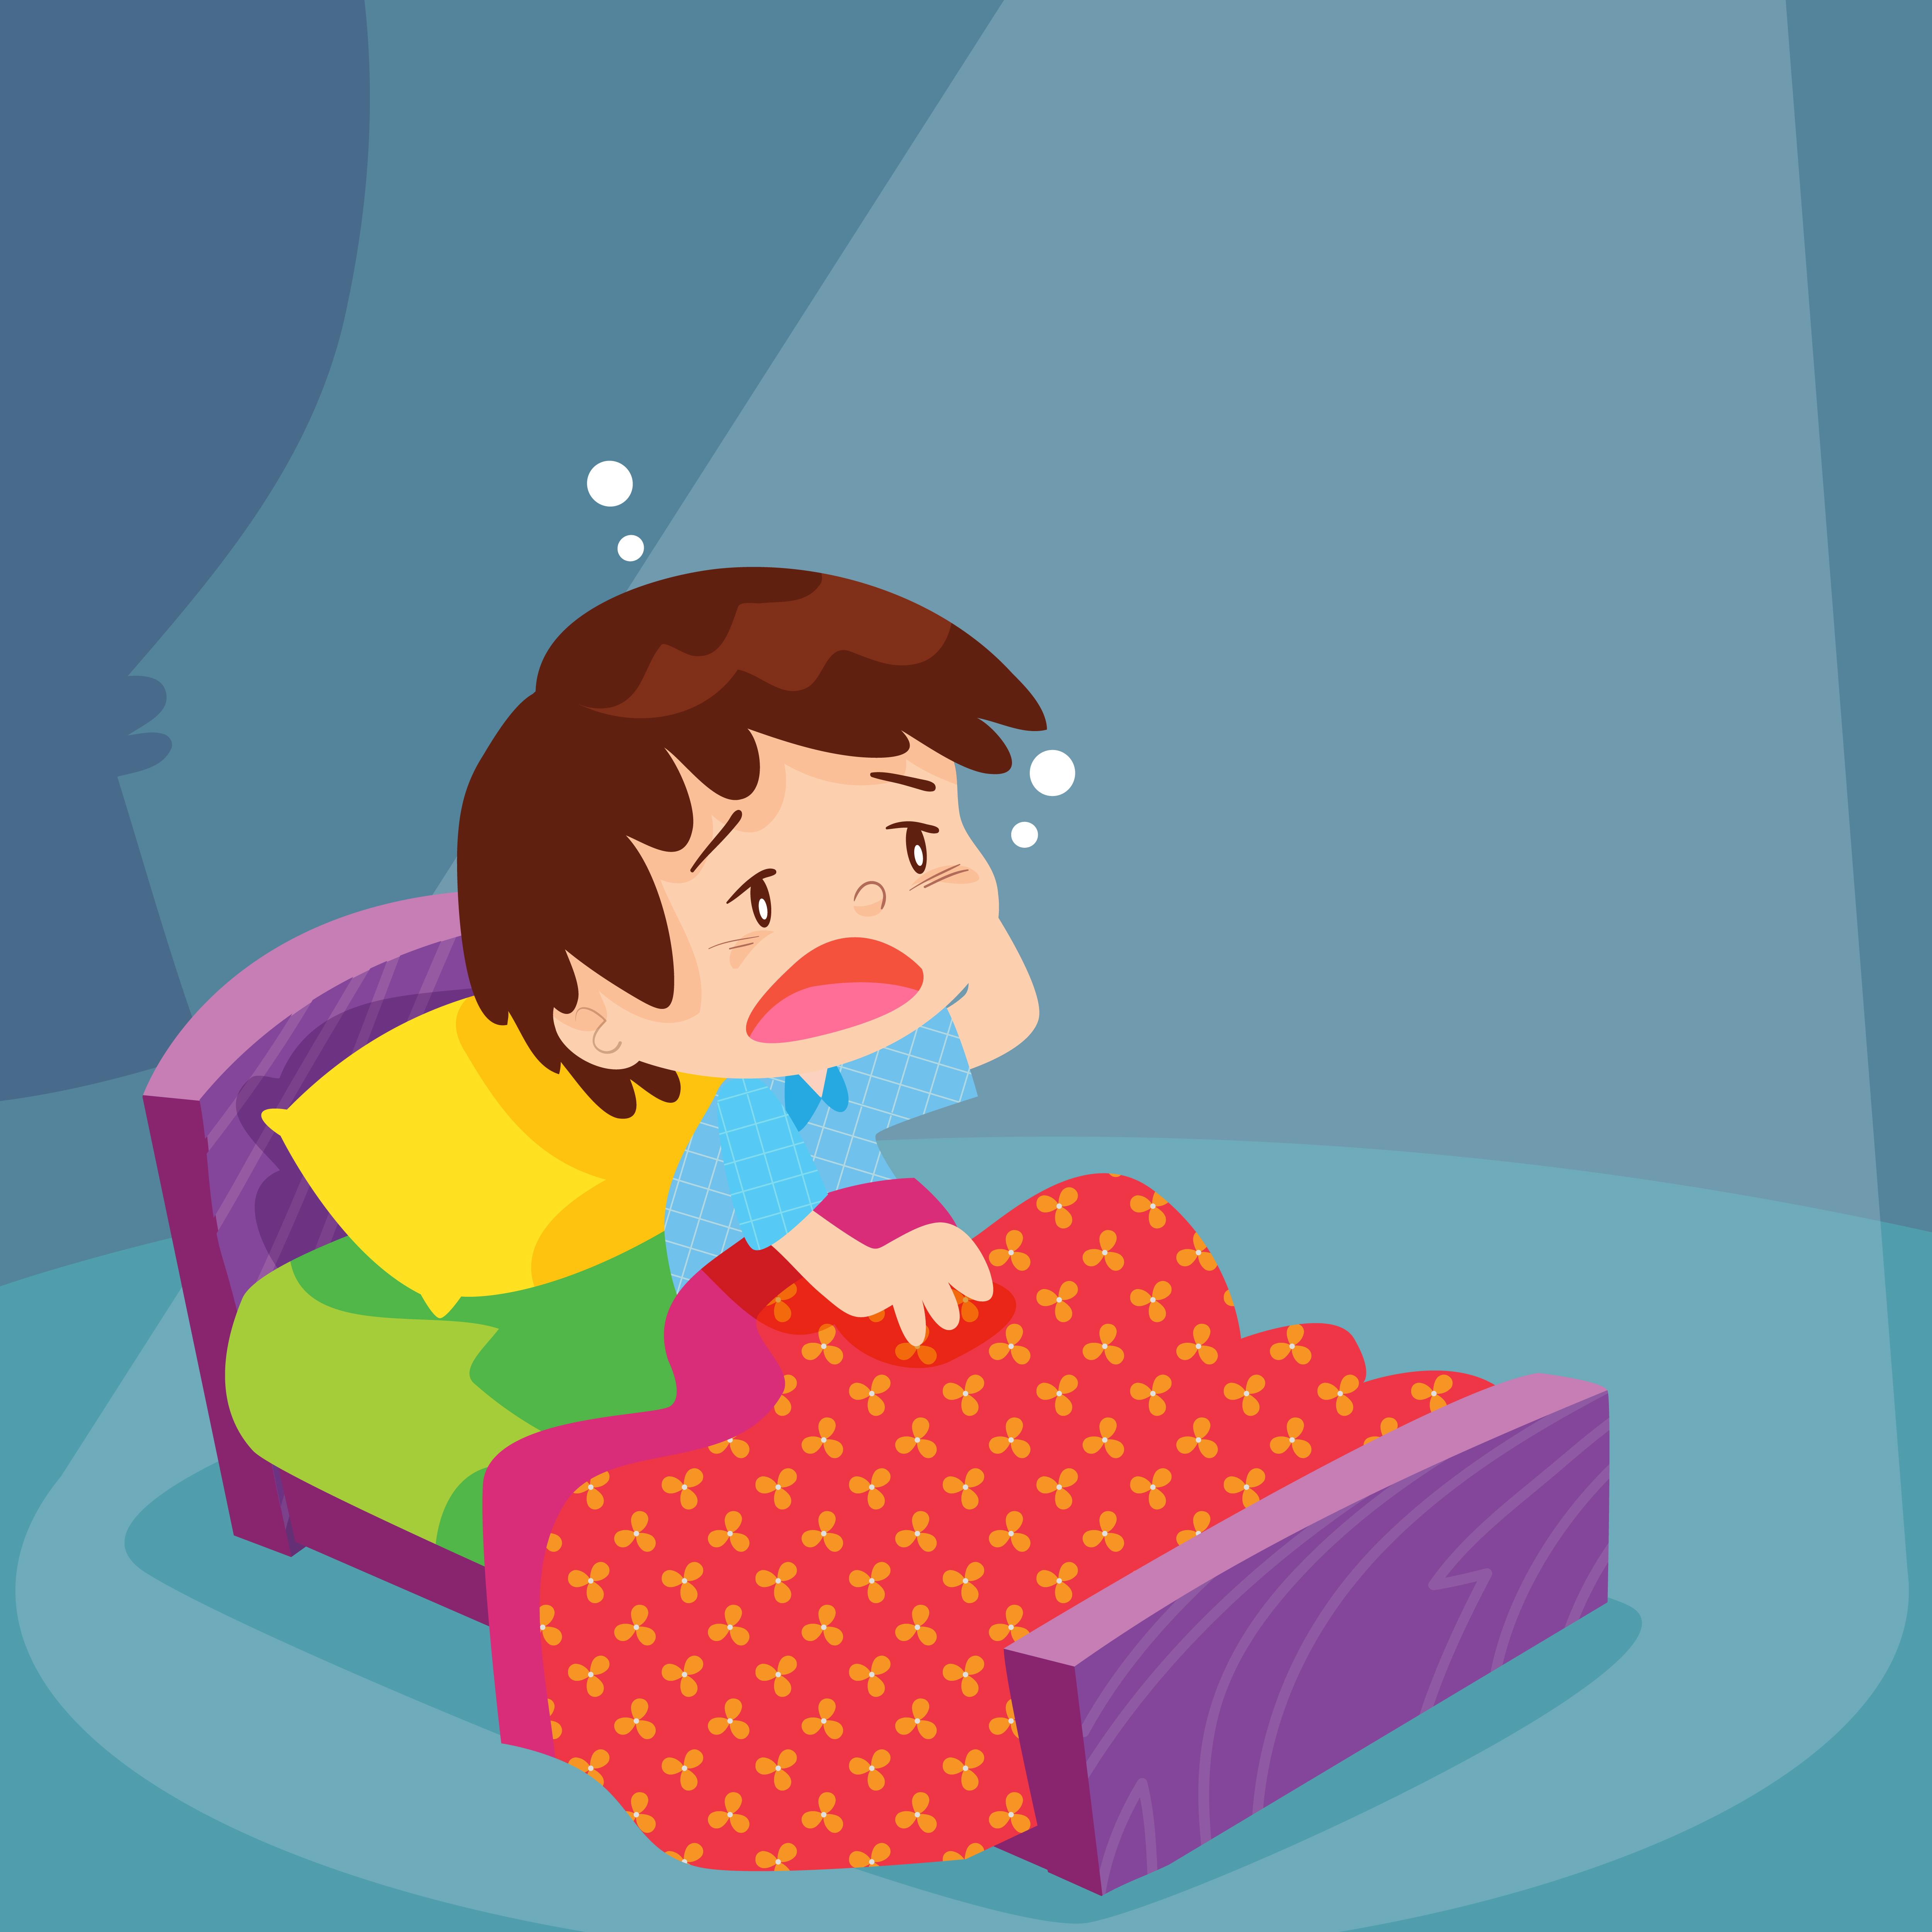 発達障がいの子どもは睡眠障害になりやすい!?チェックすべきサインって?